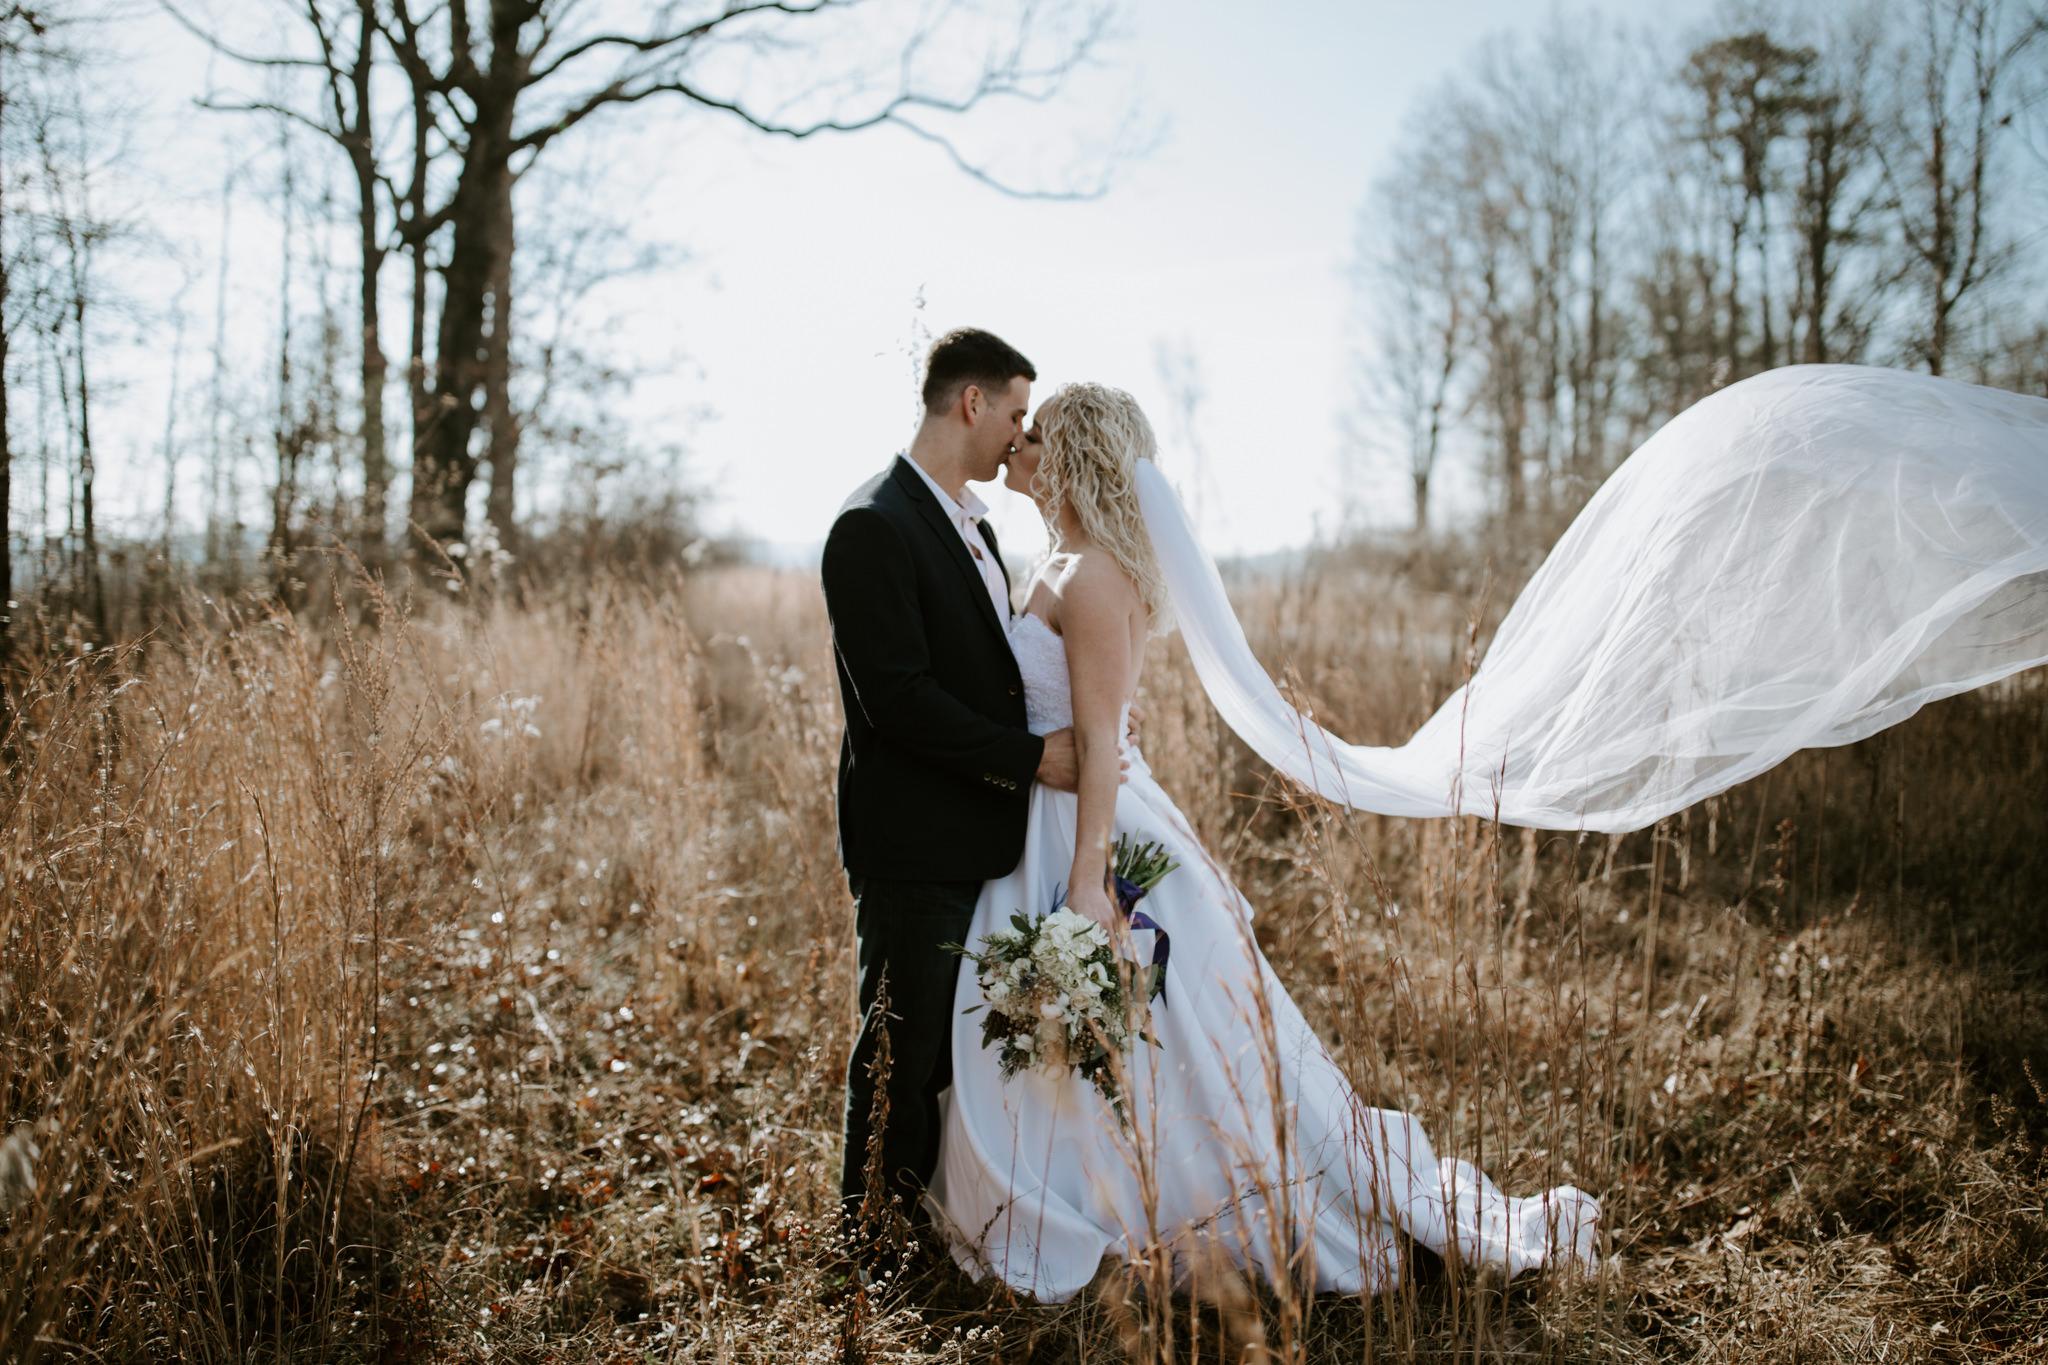 Lauren-and-Trent-Chattanooga-Nashville-Wedding-Elopement-Photographer-47.jpg